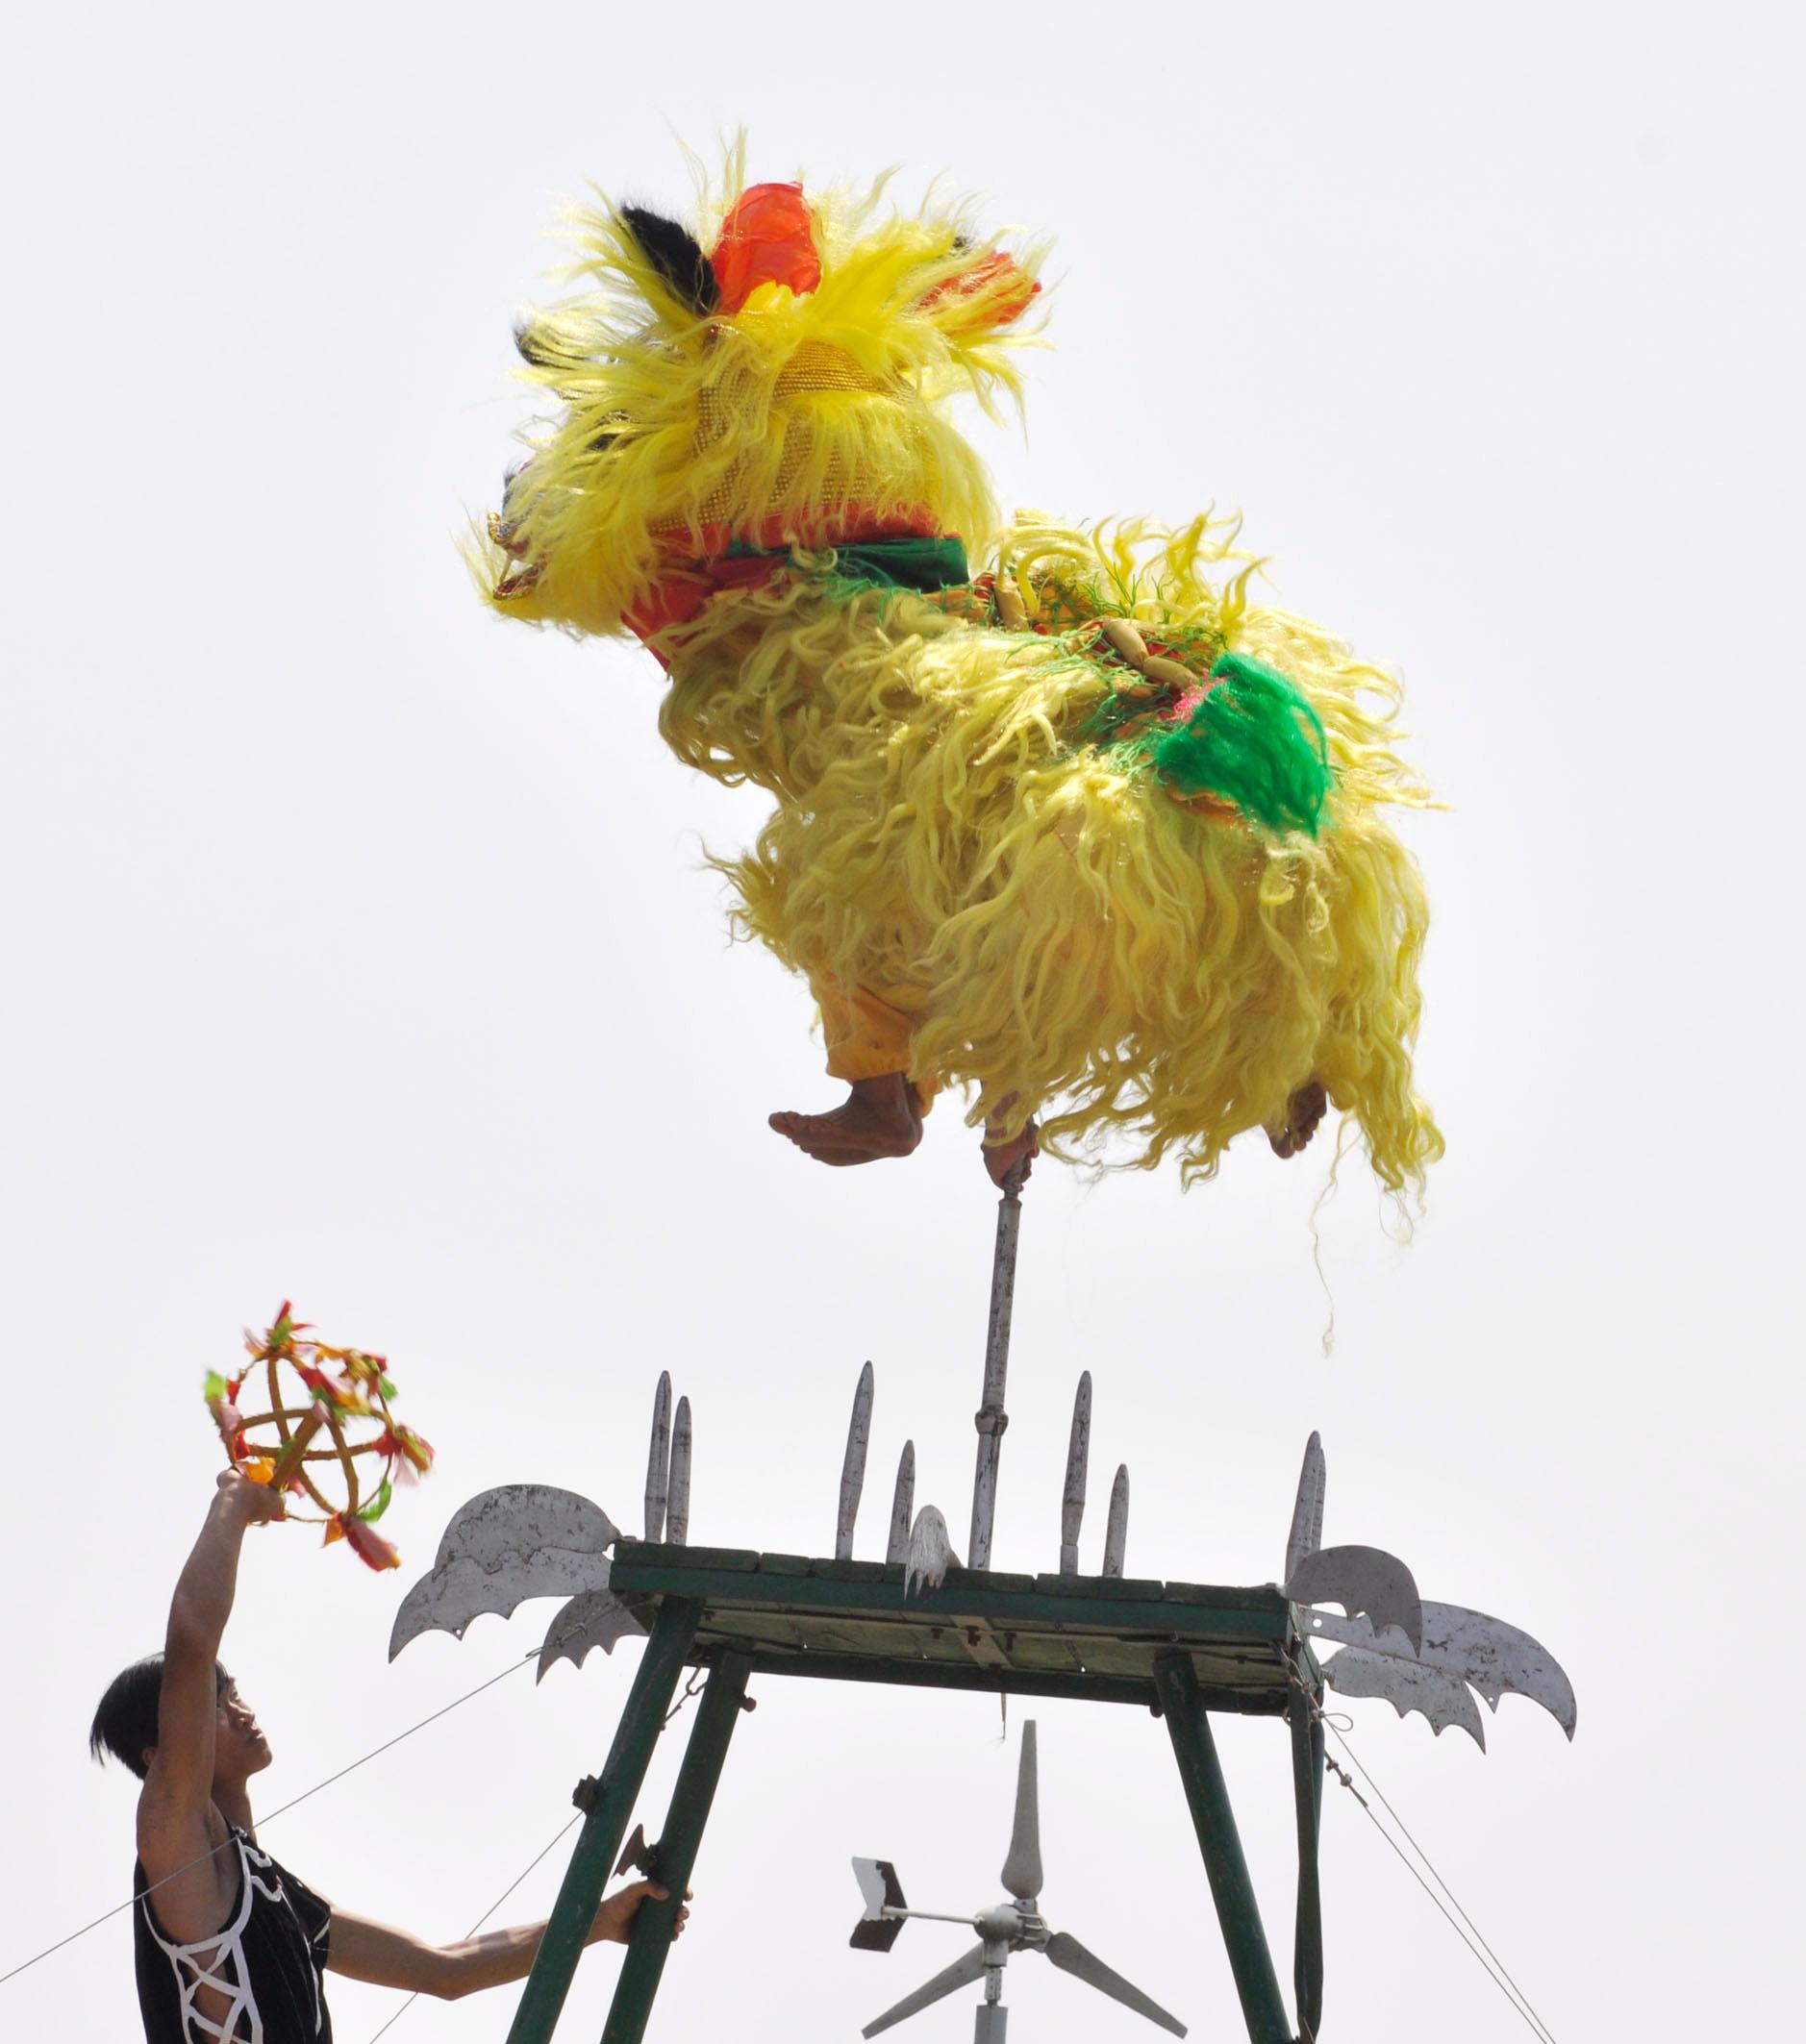 当日是农历三月三,广西民族博物馆举办广西各地民俗展演活动,欢庆